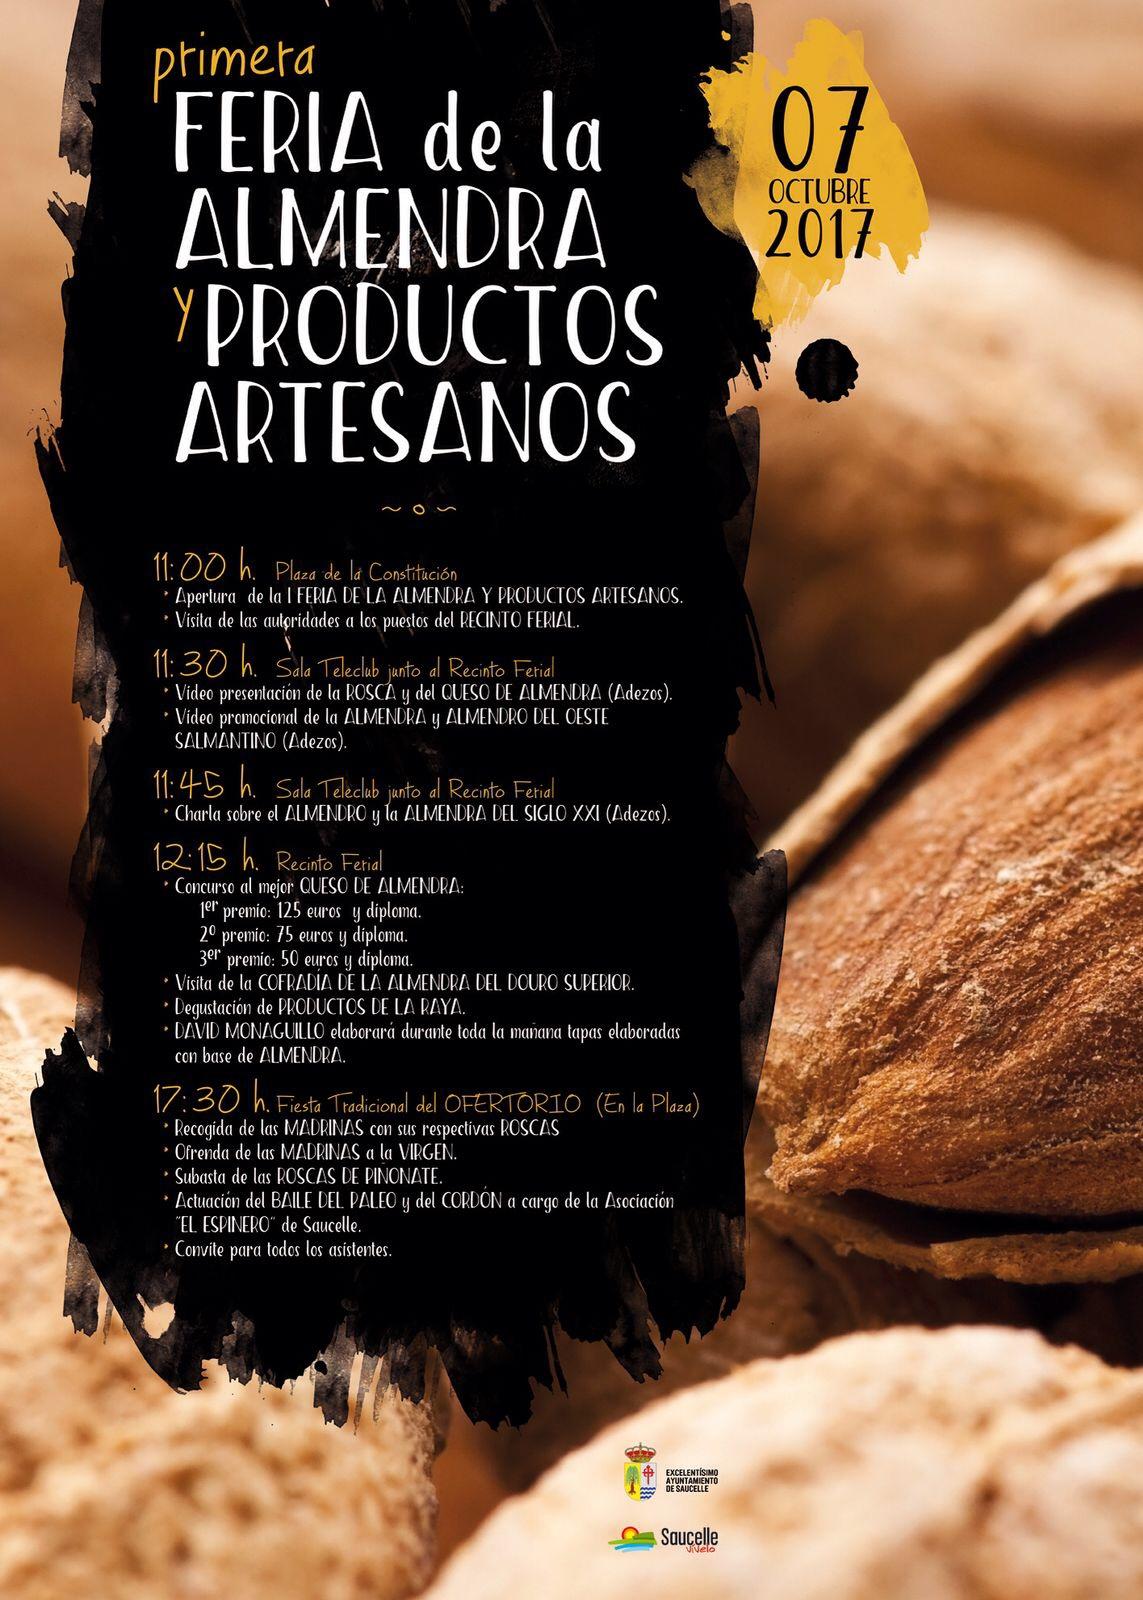 Feria de la almendra y productos artesanos 2017